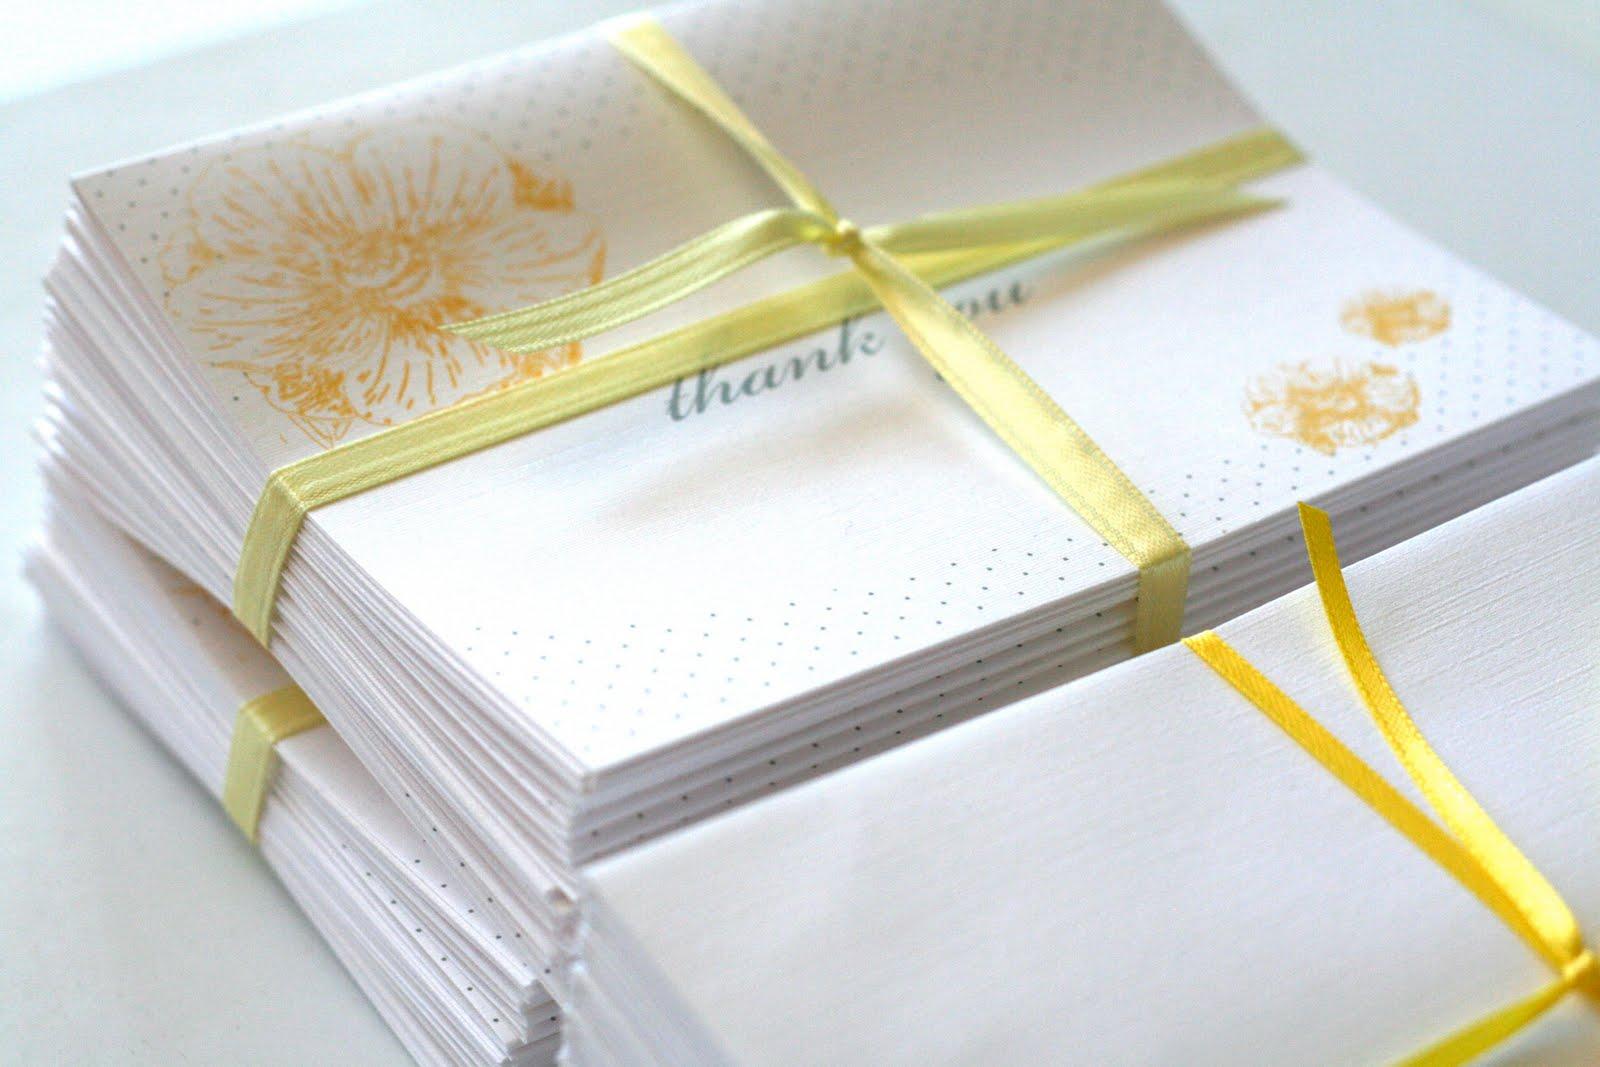 Wedding Shower Gift For My Best Friend : ... gift for my best friends bridal shower. The concept for the wedding